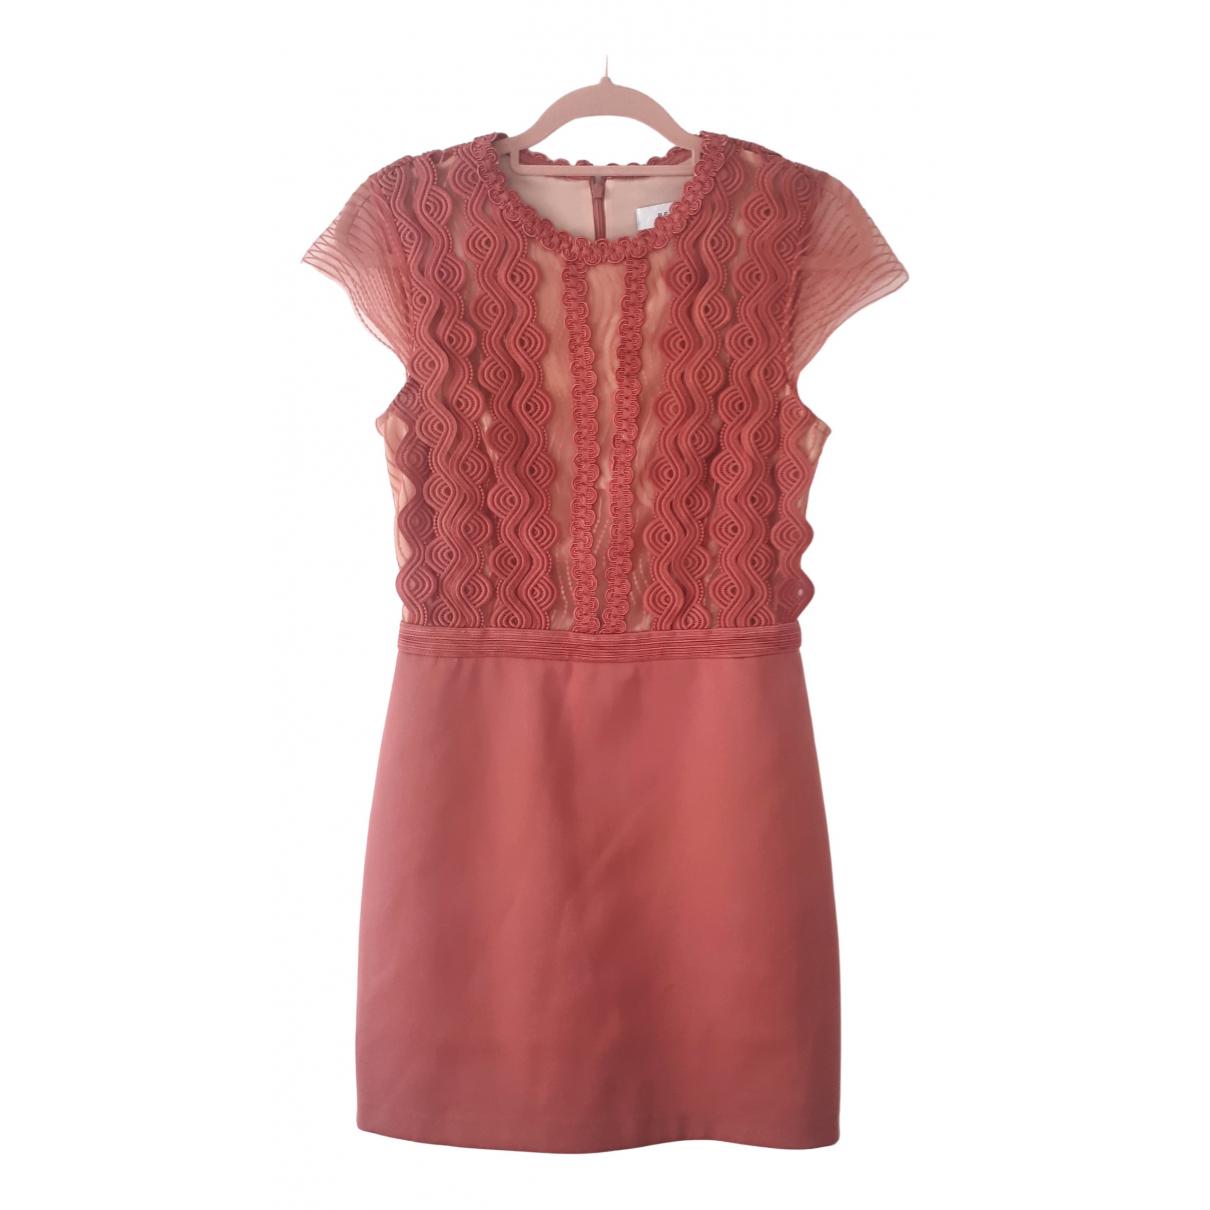 Reiss - Robe   pour femme - rose